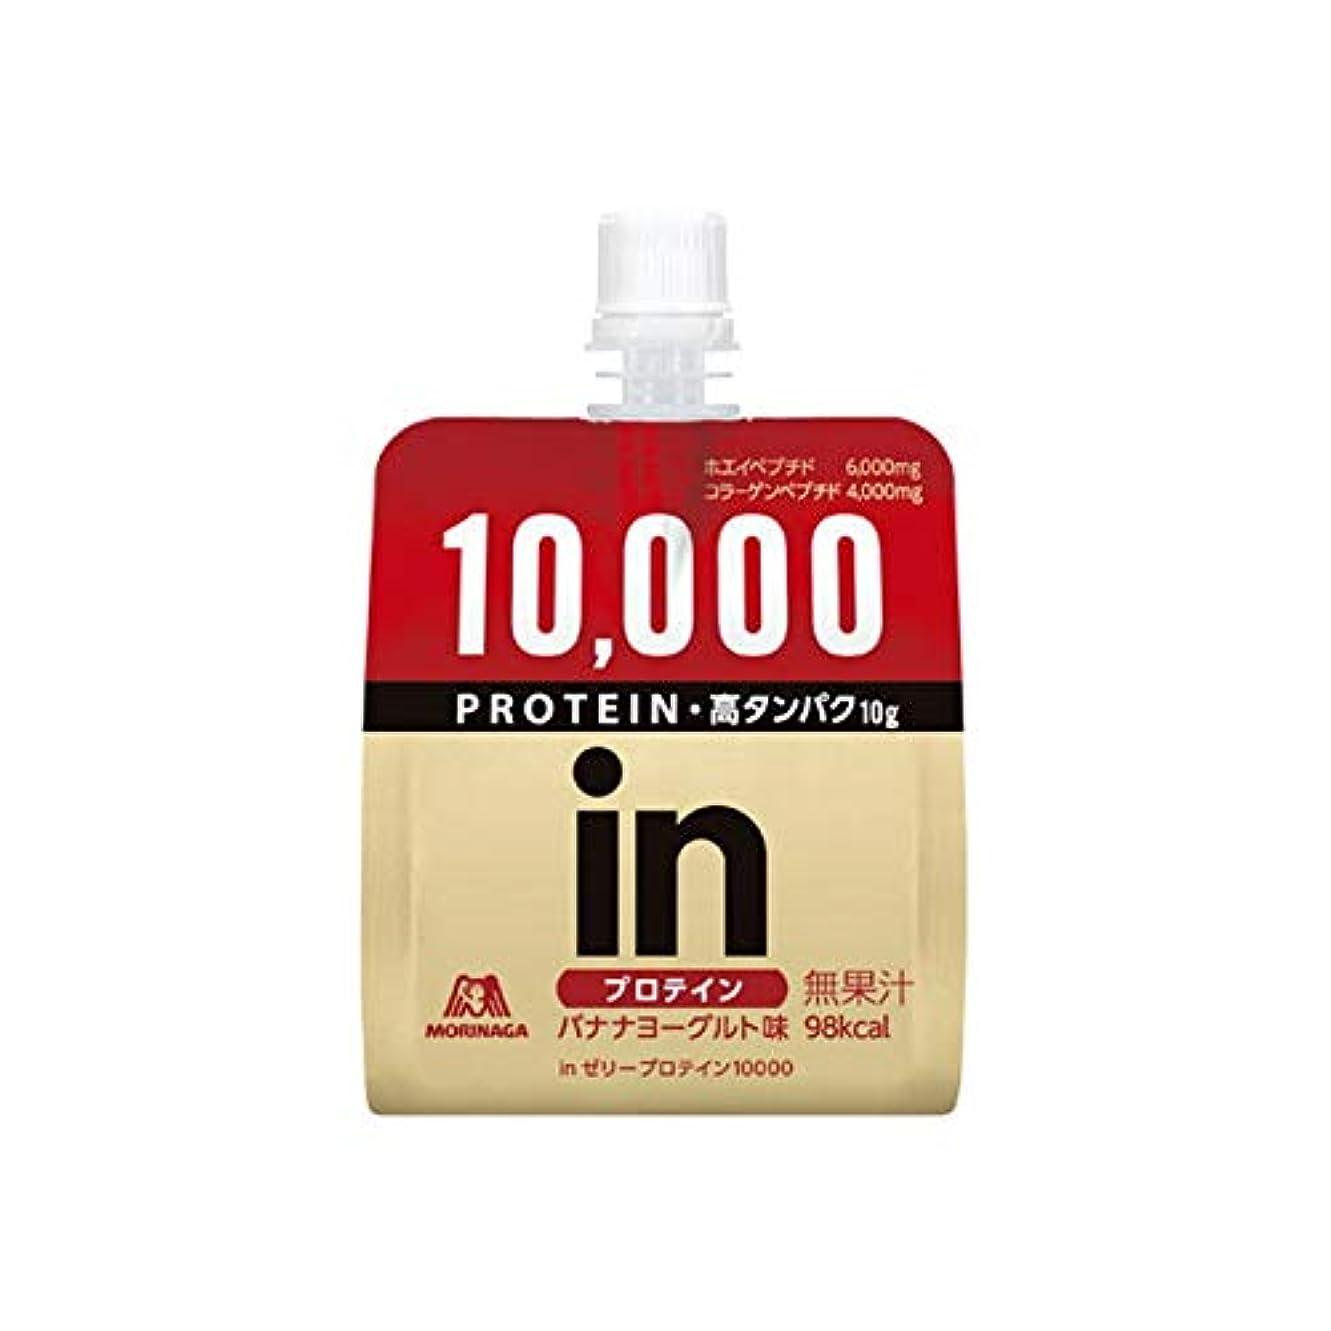 素子定常取り消す森永製菓 inゼリー プロテイン10000 120g x6個セット